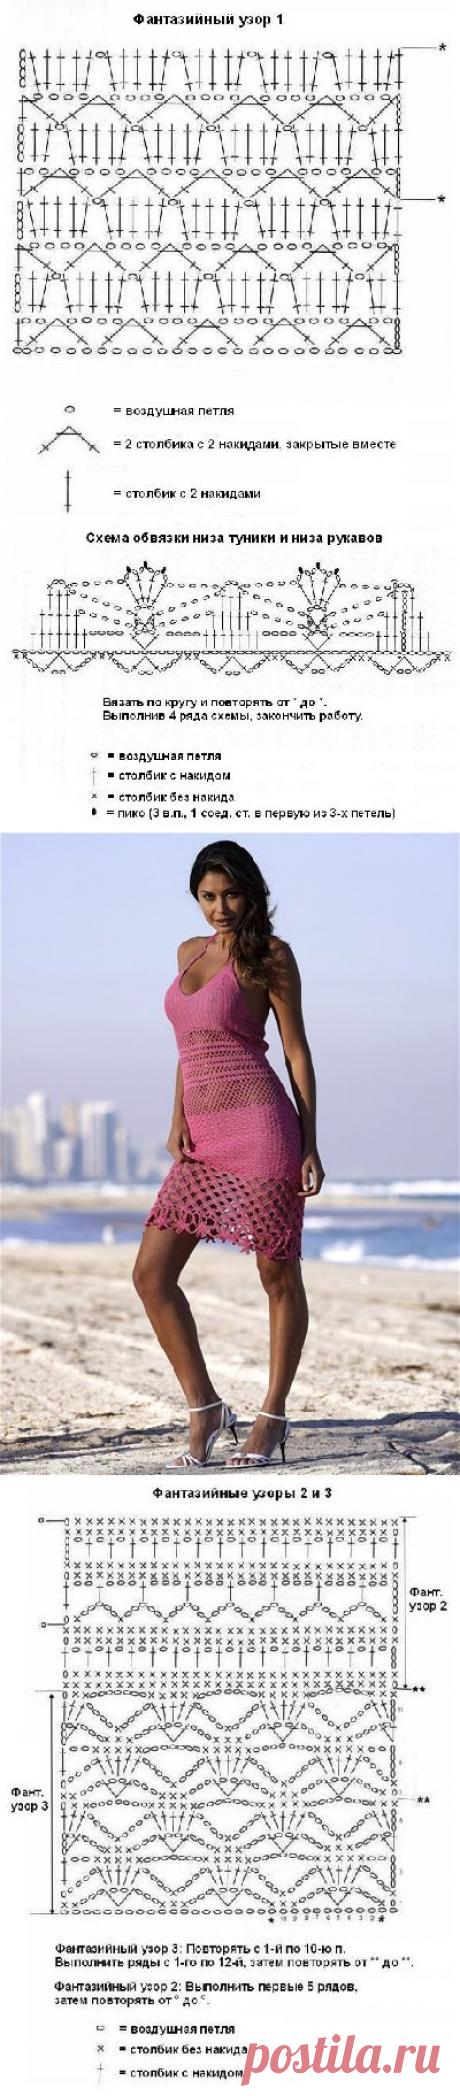 Вязаные пляжные сарафанчики и купальники, вязание крючком белье,  - схема вязания, фото, описание